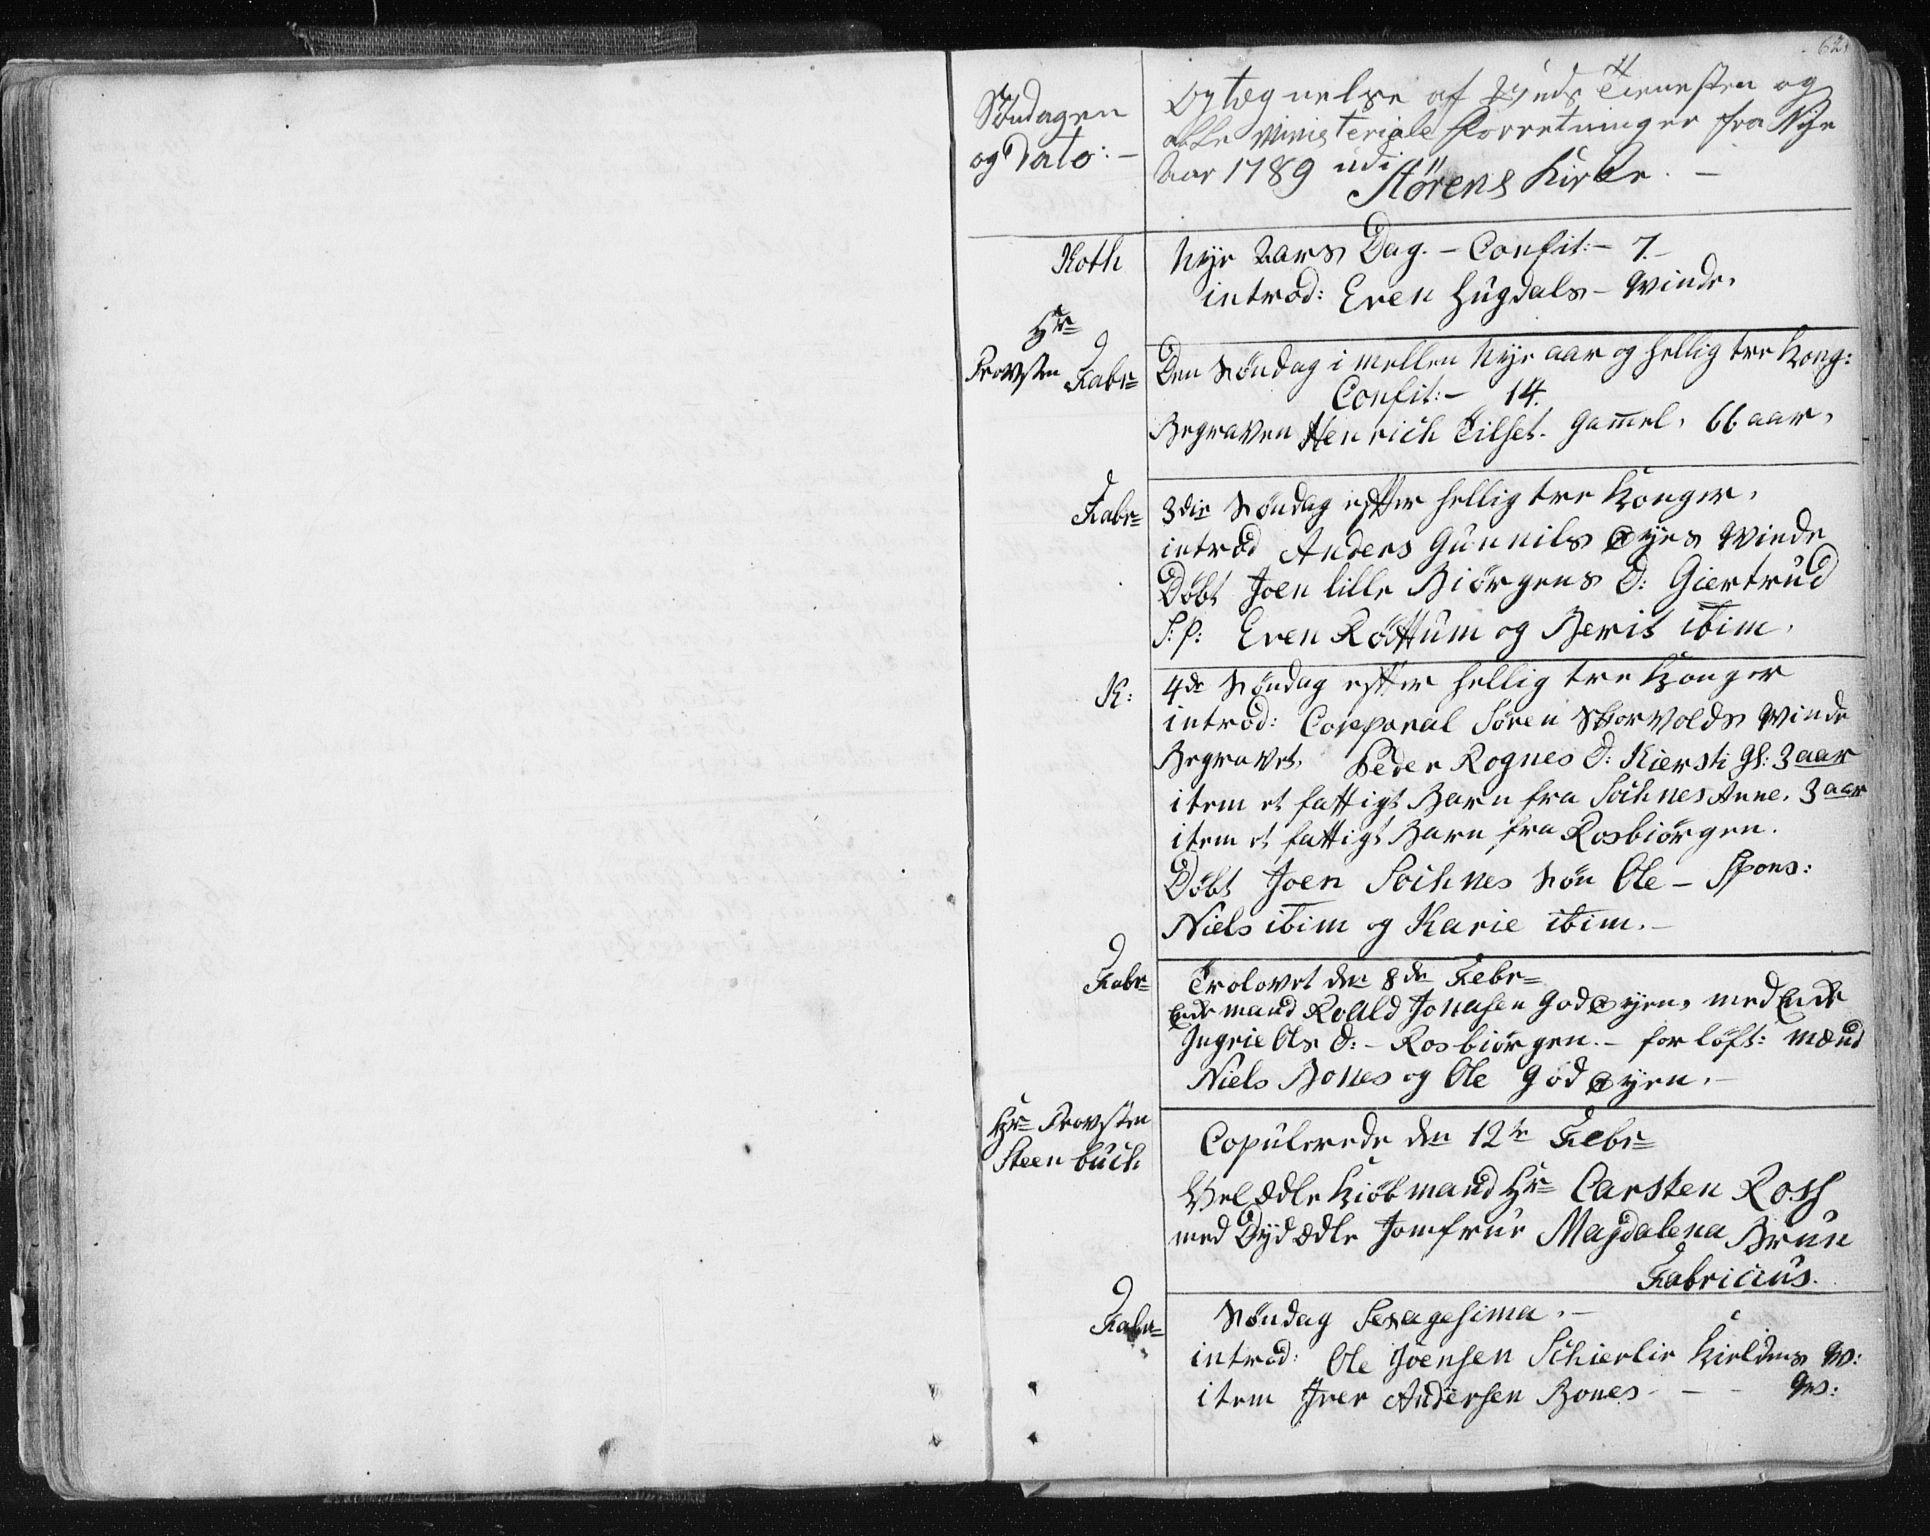 SAT, Ministerialprotokoller, klokkerbøker og fødselsregistre - Sør-Trøndelag, 687/L0991: Ministerialbok nr. 687A02, 1747-1790, s. 62